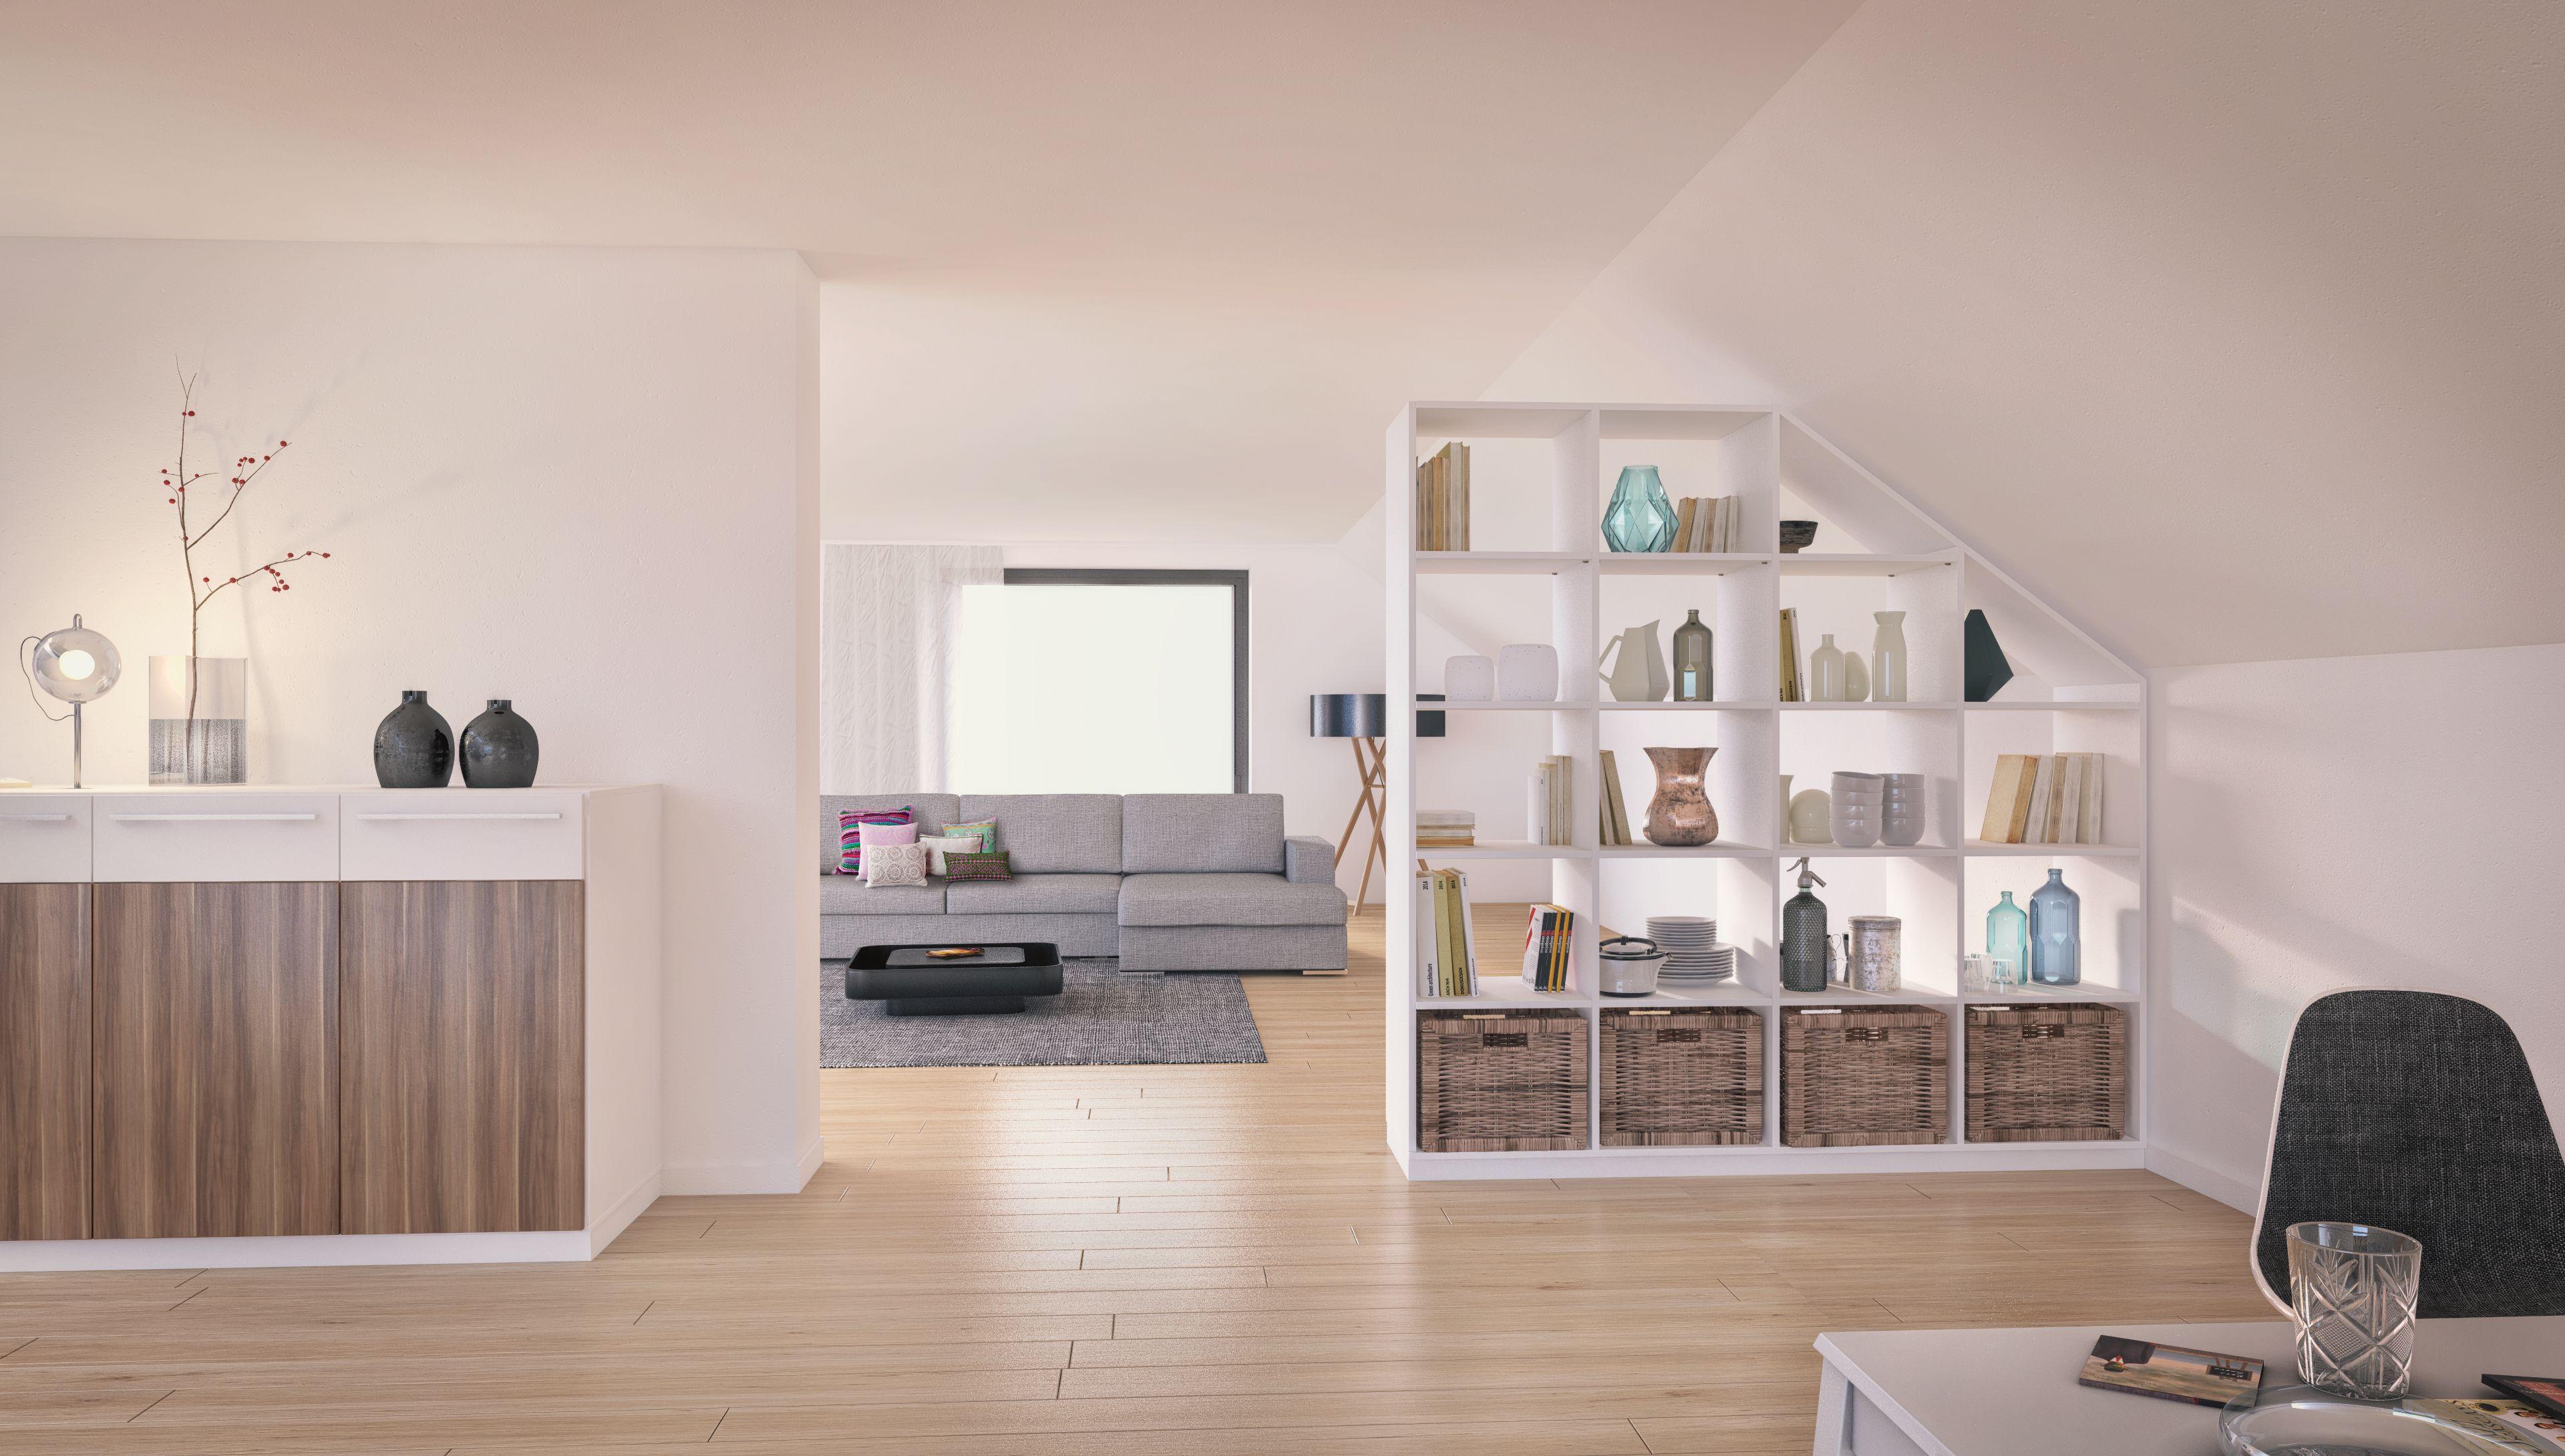 der raumteiler der perfekt unter die dachschr ge passt separiert den wohn vom arbeitsbereich. Black Bedroom Furniture Sets. Home Design Ideas